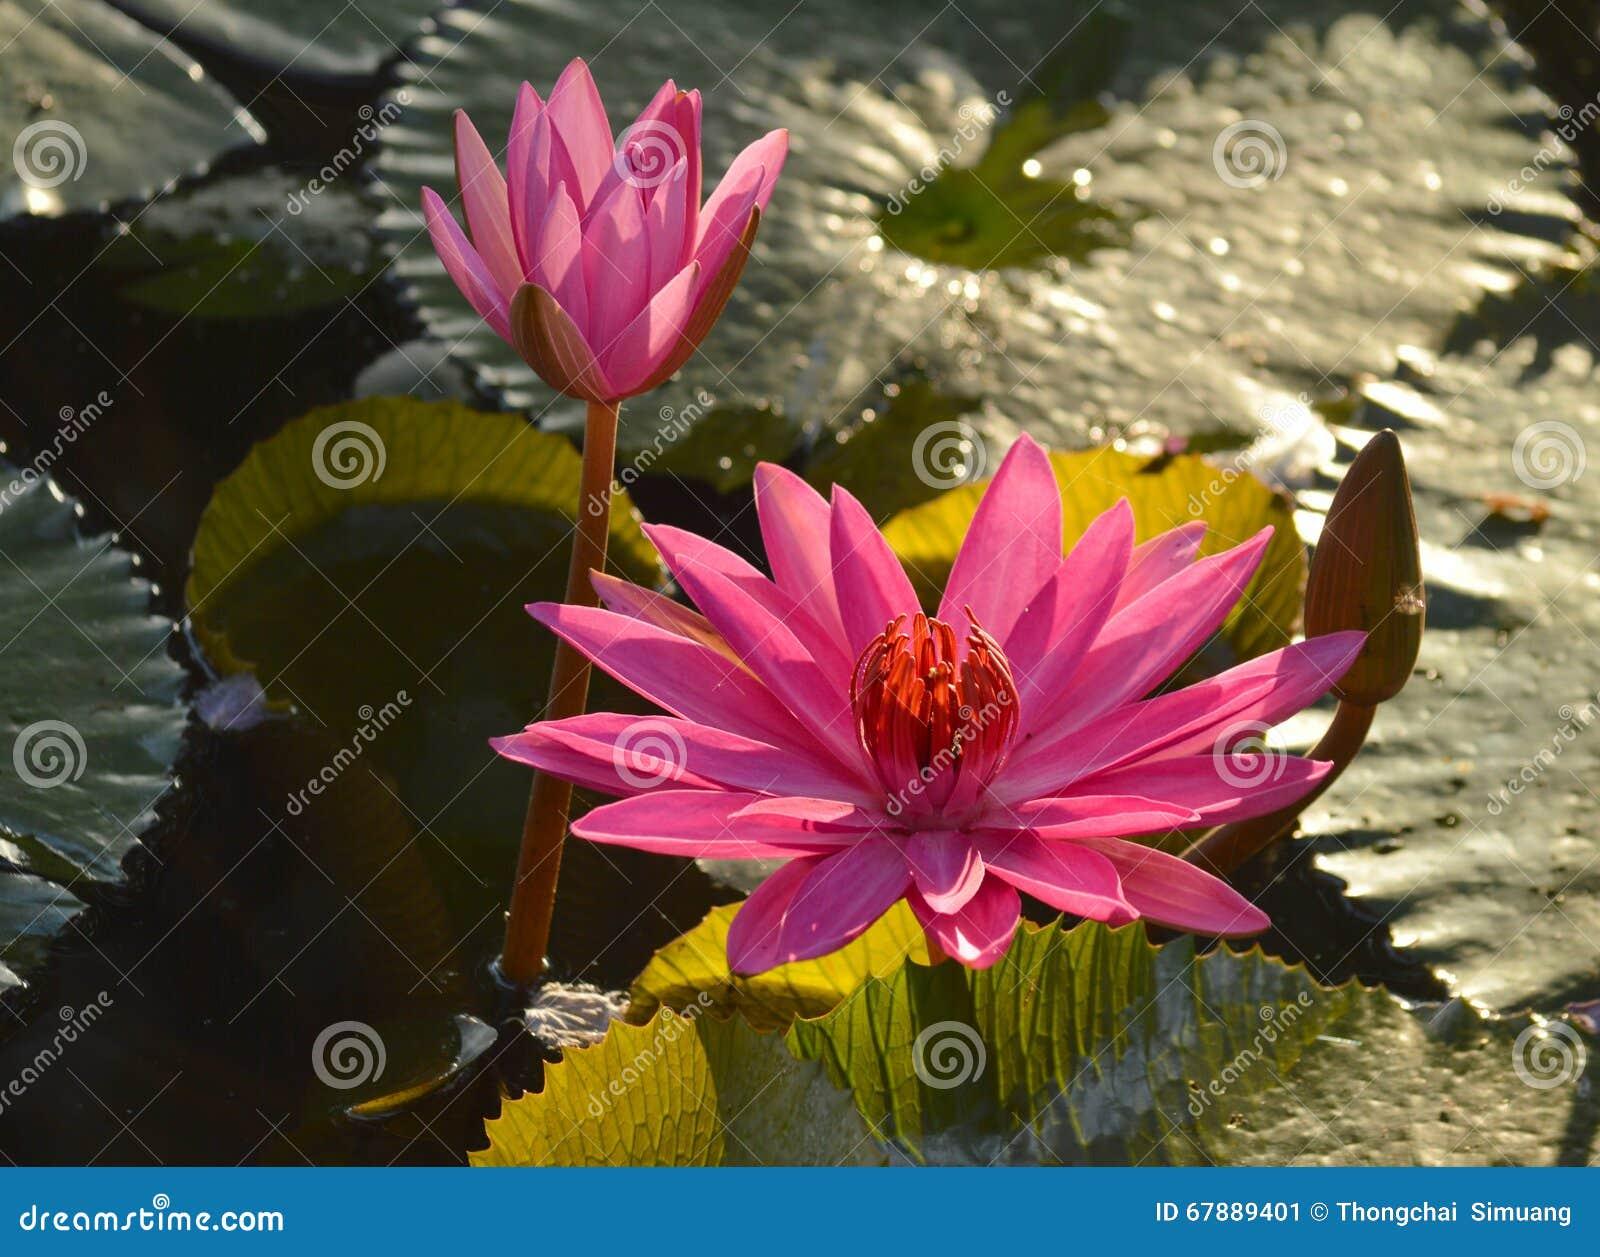 莲花和荷花池 荷花池 有很多莲花